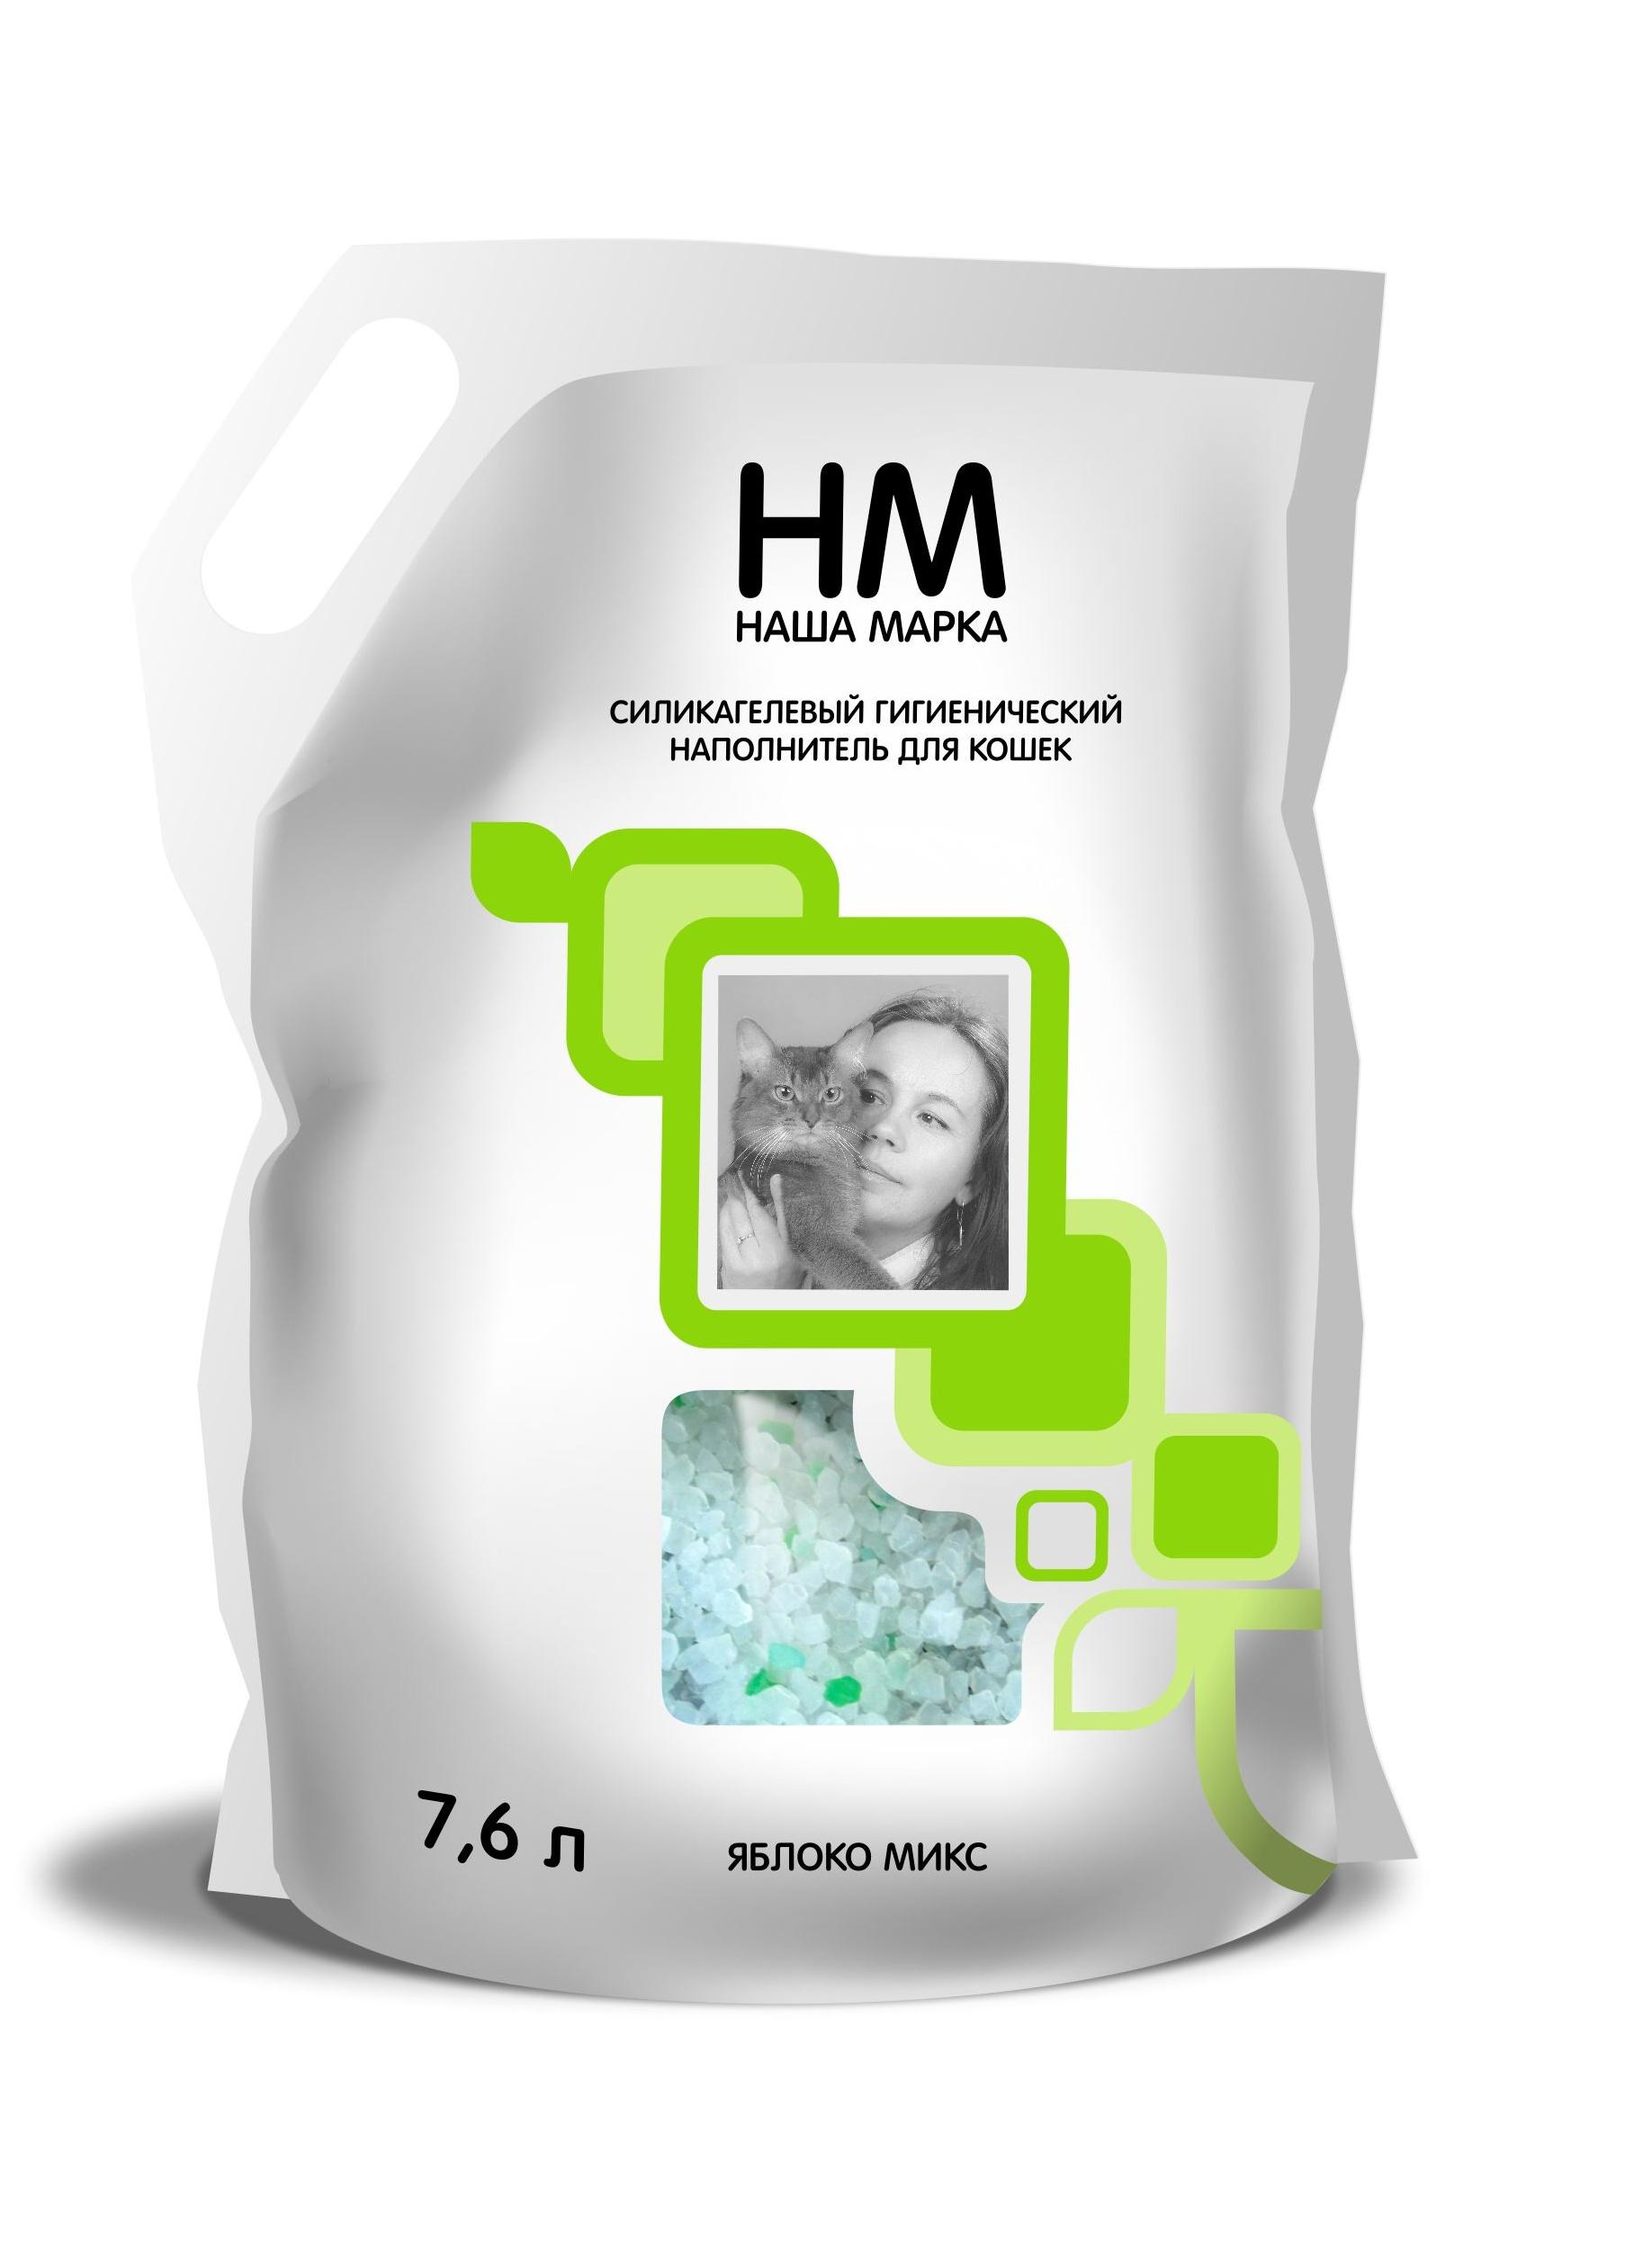 Наполнитель НМ силикагелевый для кошек  7,6л яблоко микс Kormberi.ru магазин товаров для ваших животных